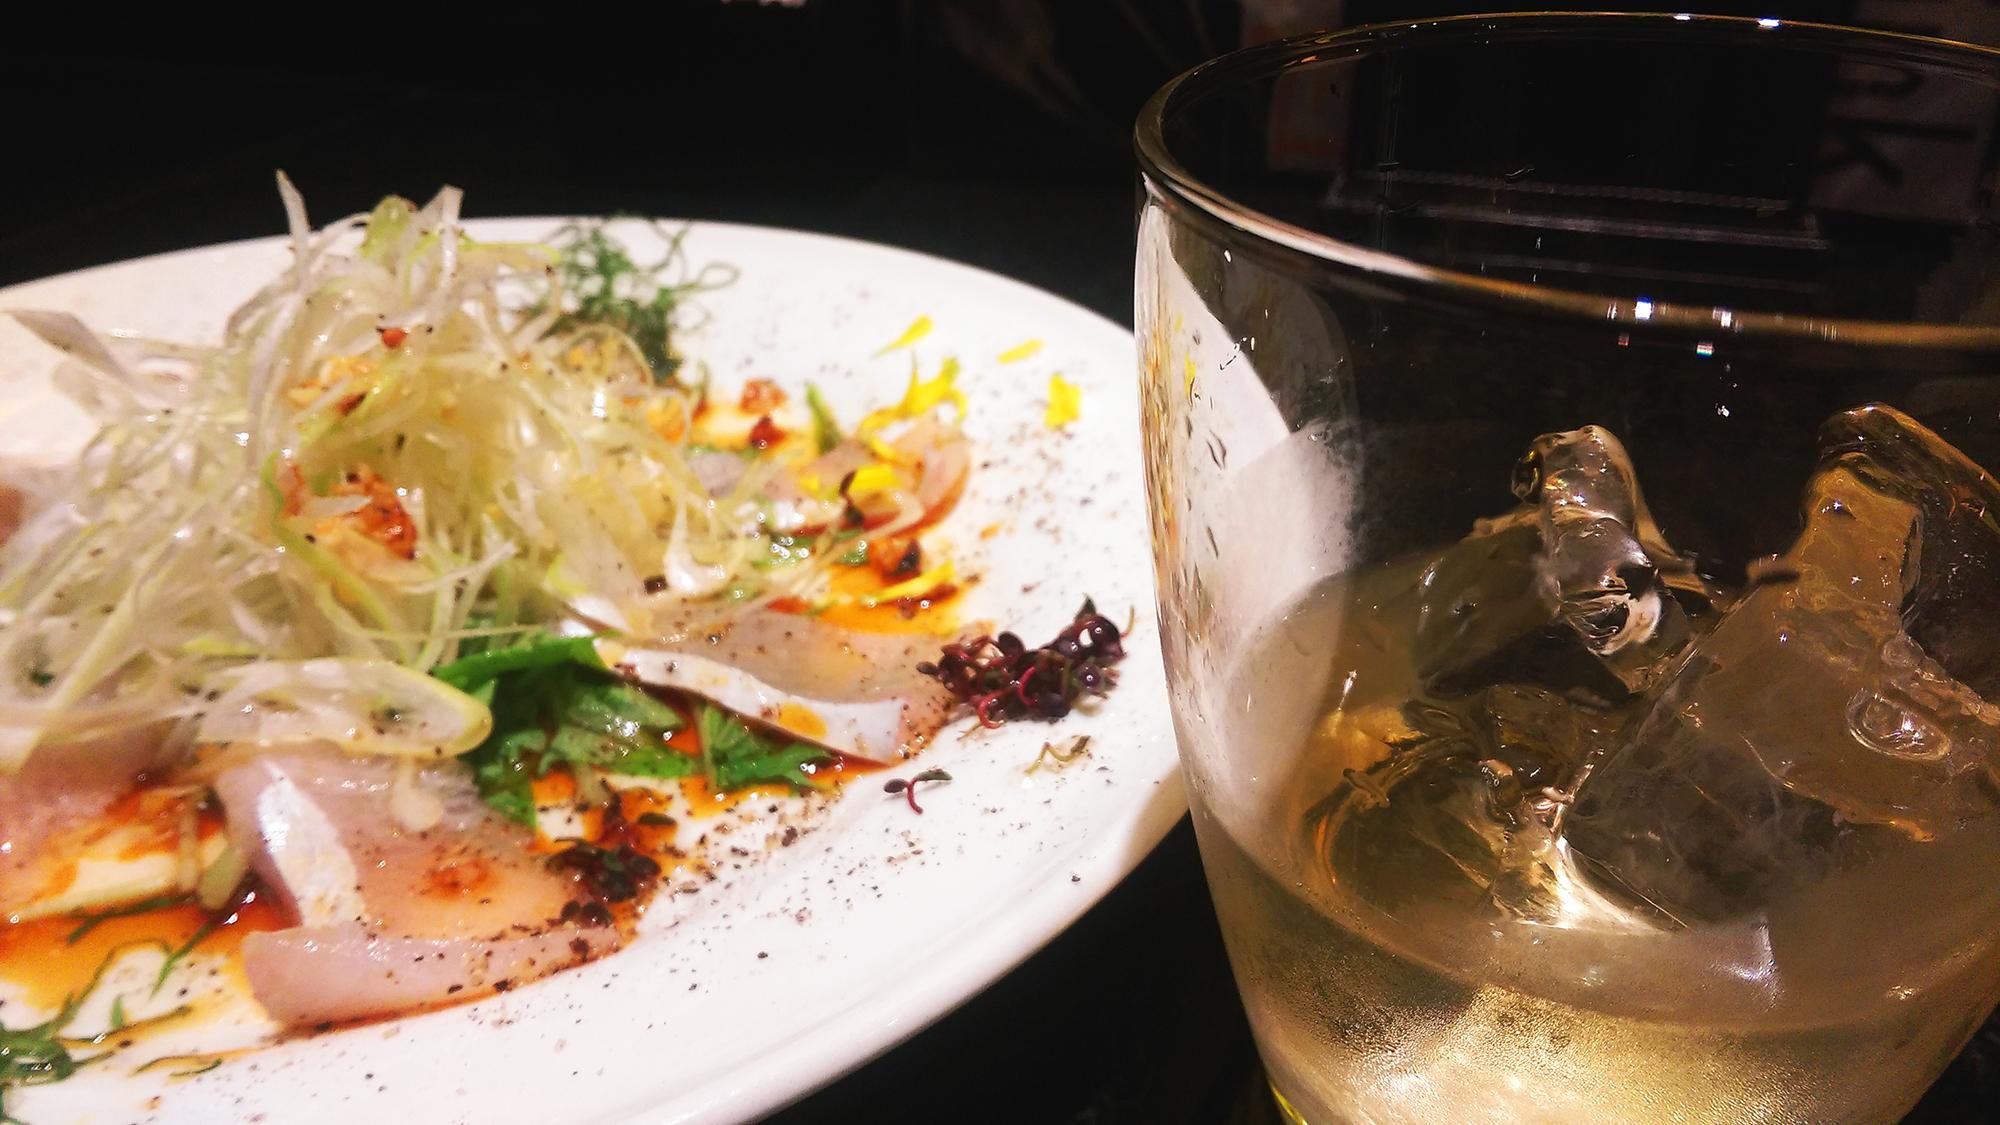 【推薦グルメ/Gourmet recommendations】 NATURAL STYLE「清」 さんご訪問♪